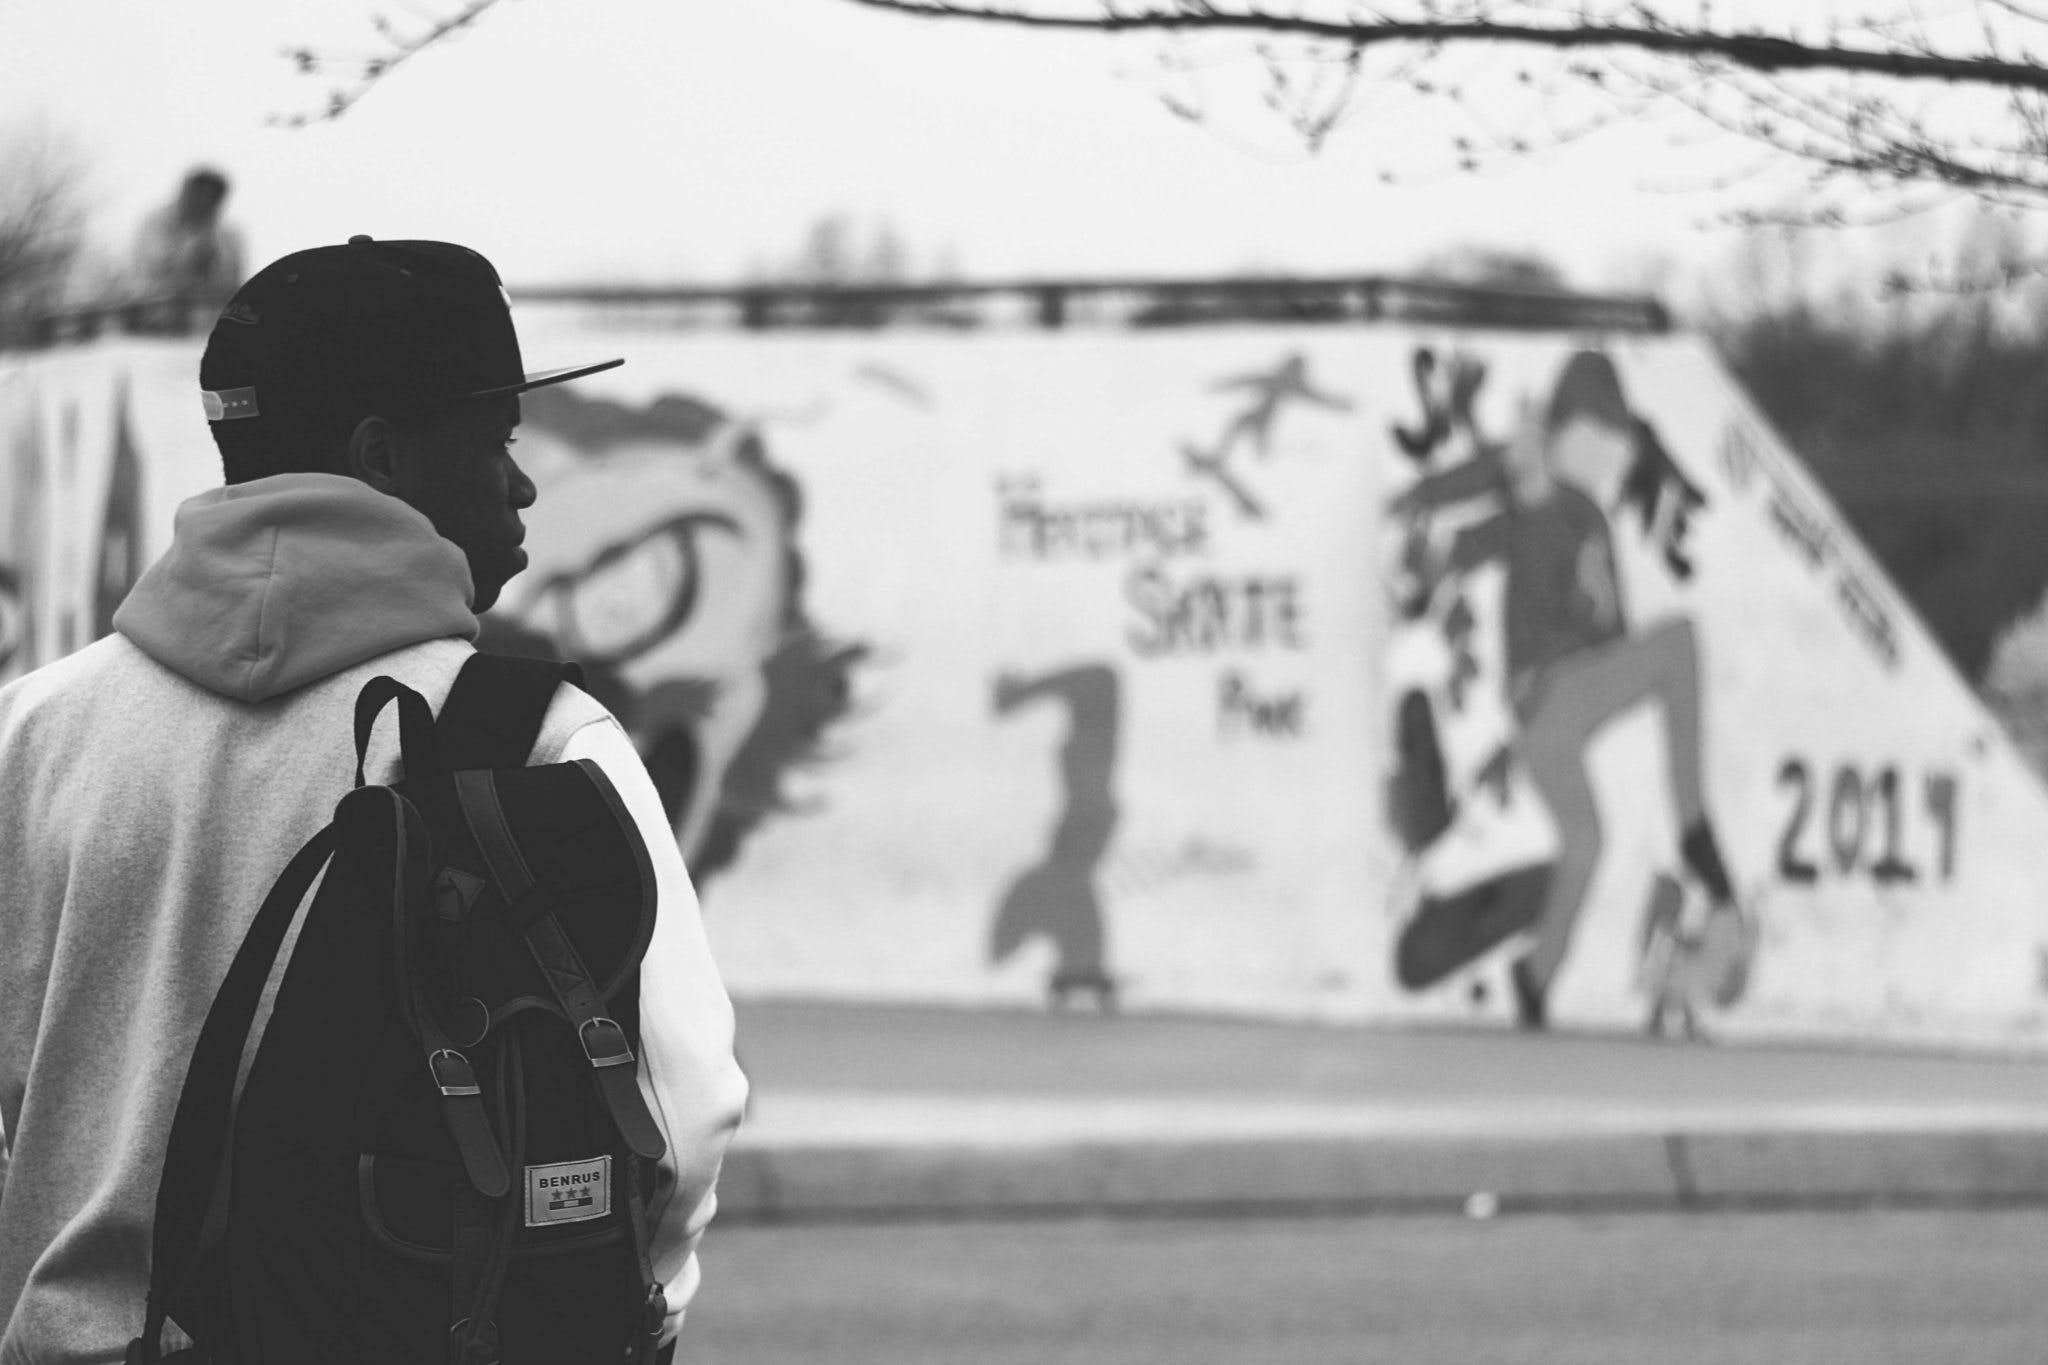 거리, 그래피티, 남자, 도시의 무료 스톡 사진